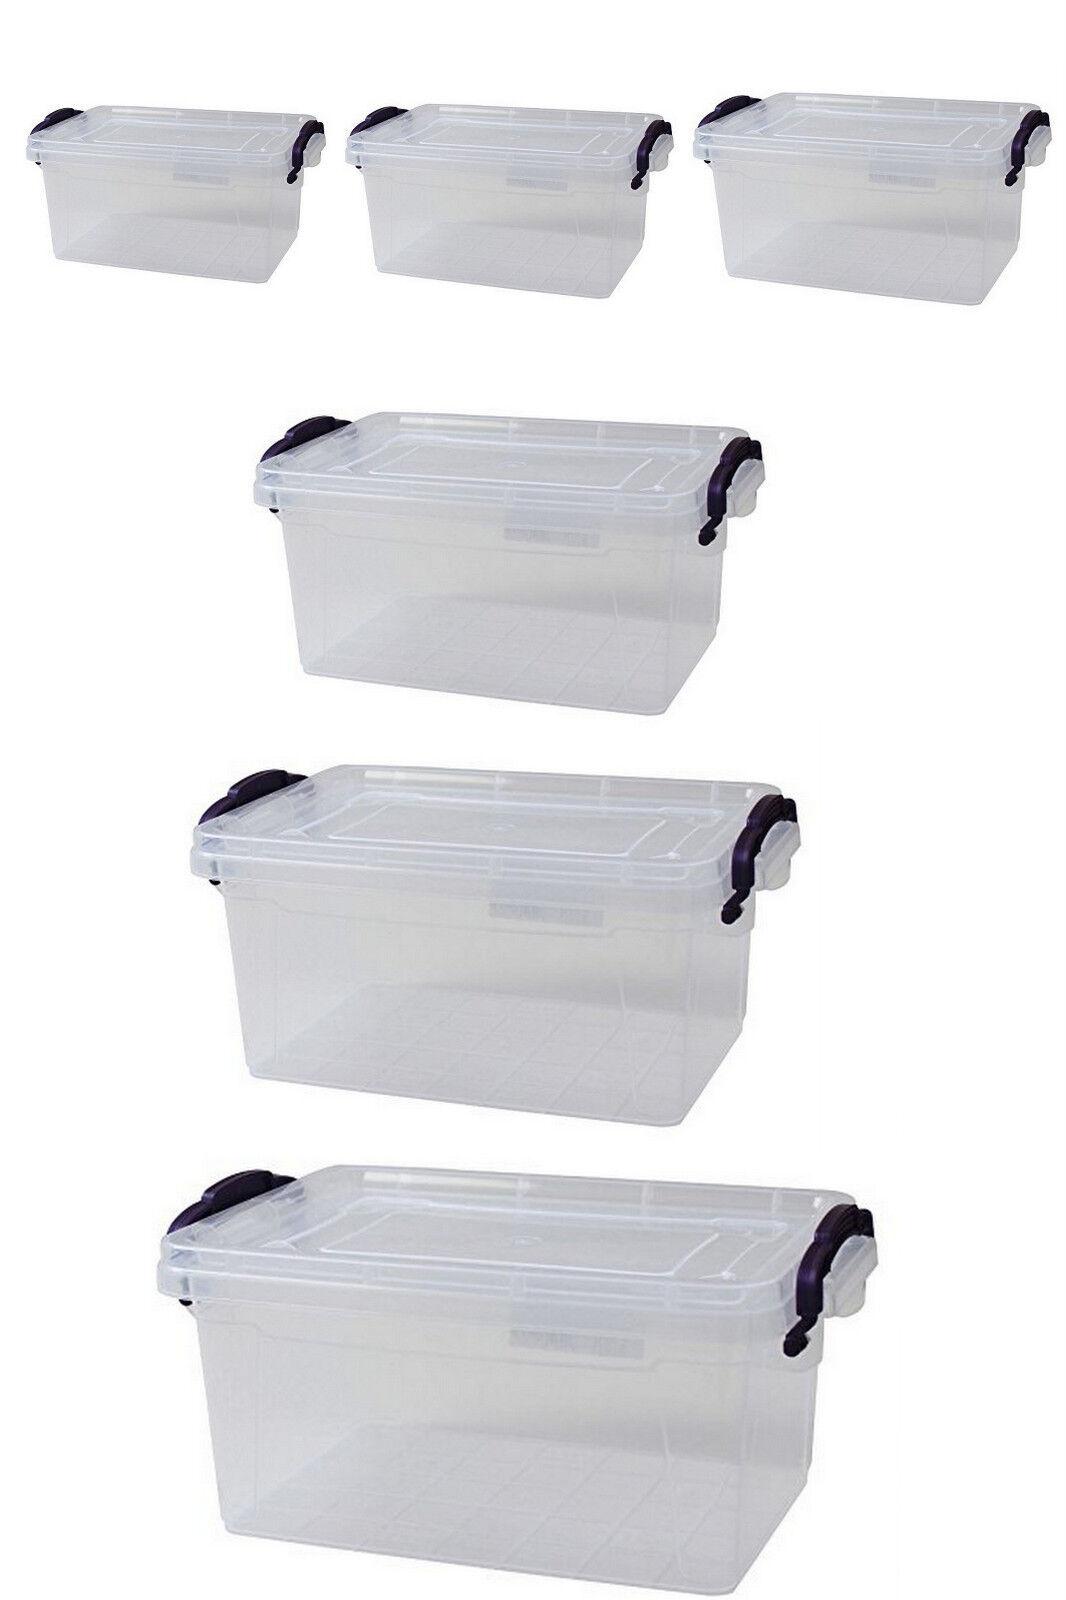 Aufbewahrungsbox mit Deckel Tragegriff Aufbewahrungskiste stapelbar Stapelkiste